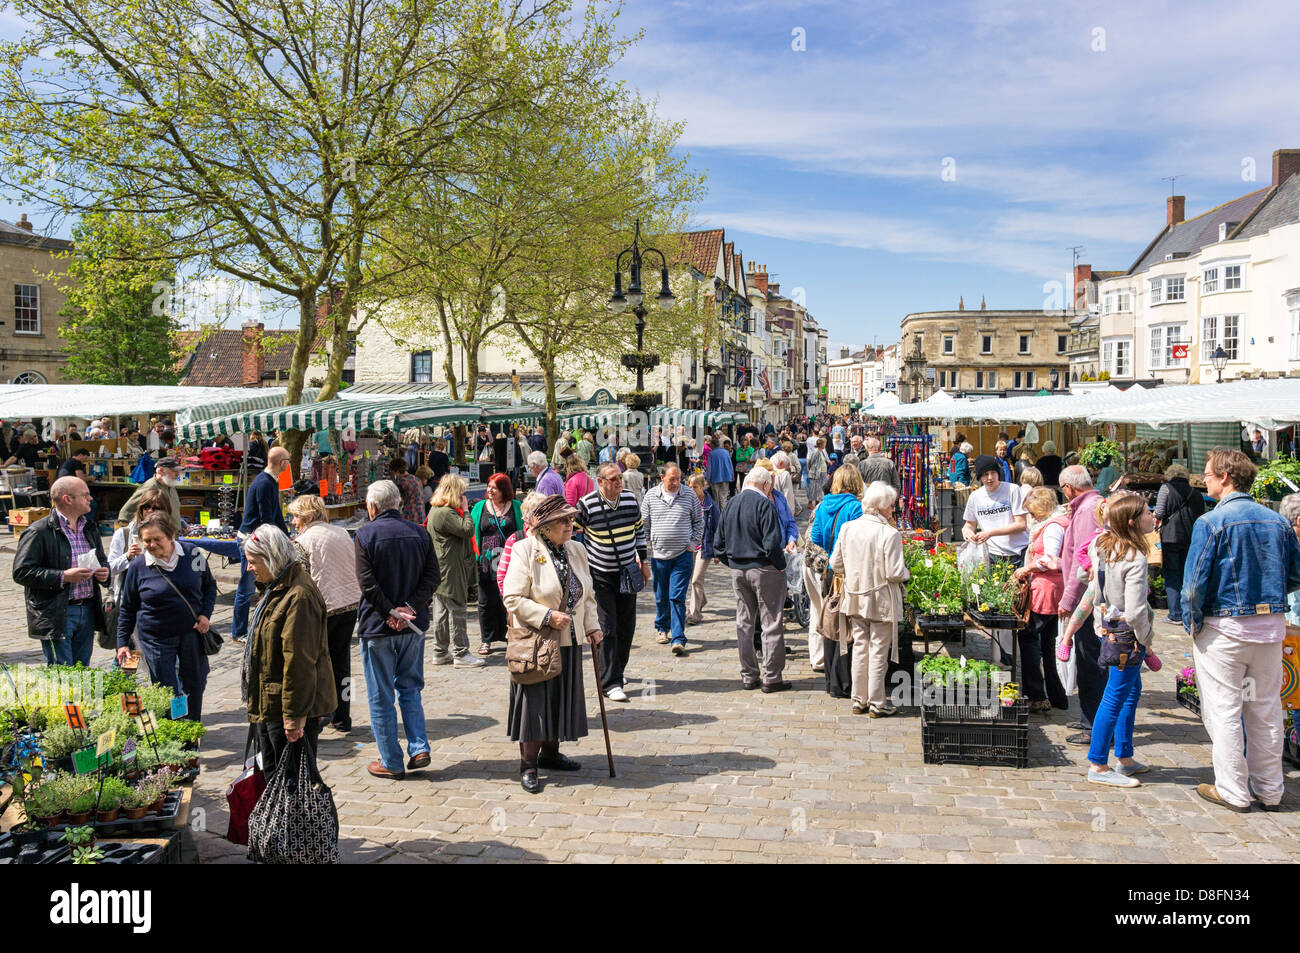 Mercato degli Agricoltori in pozzetti, Somerset, Inghilterra, Regno Unito Foto Stock